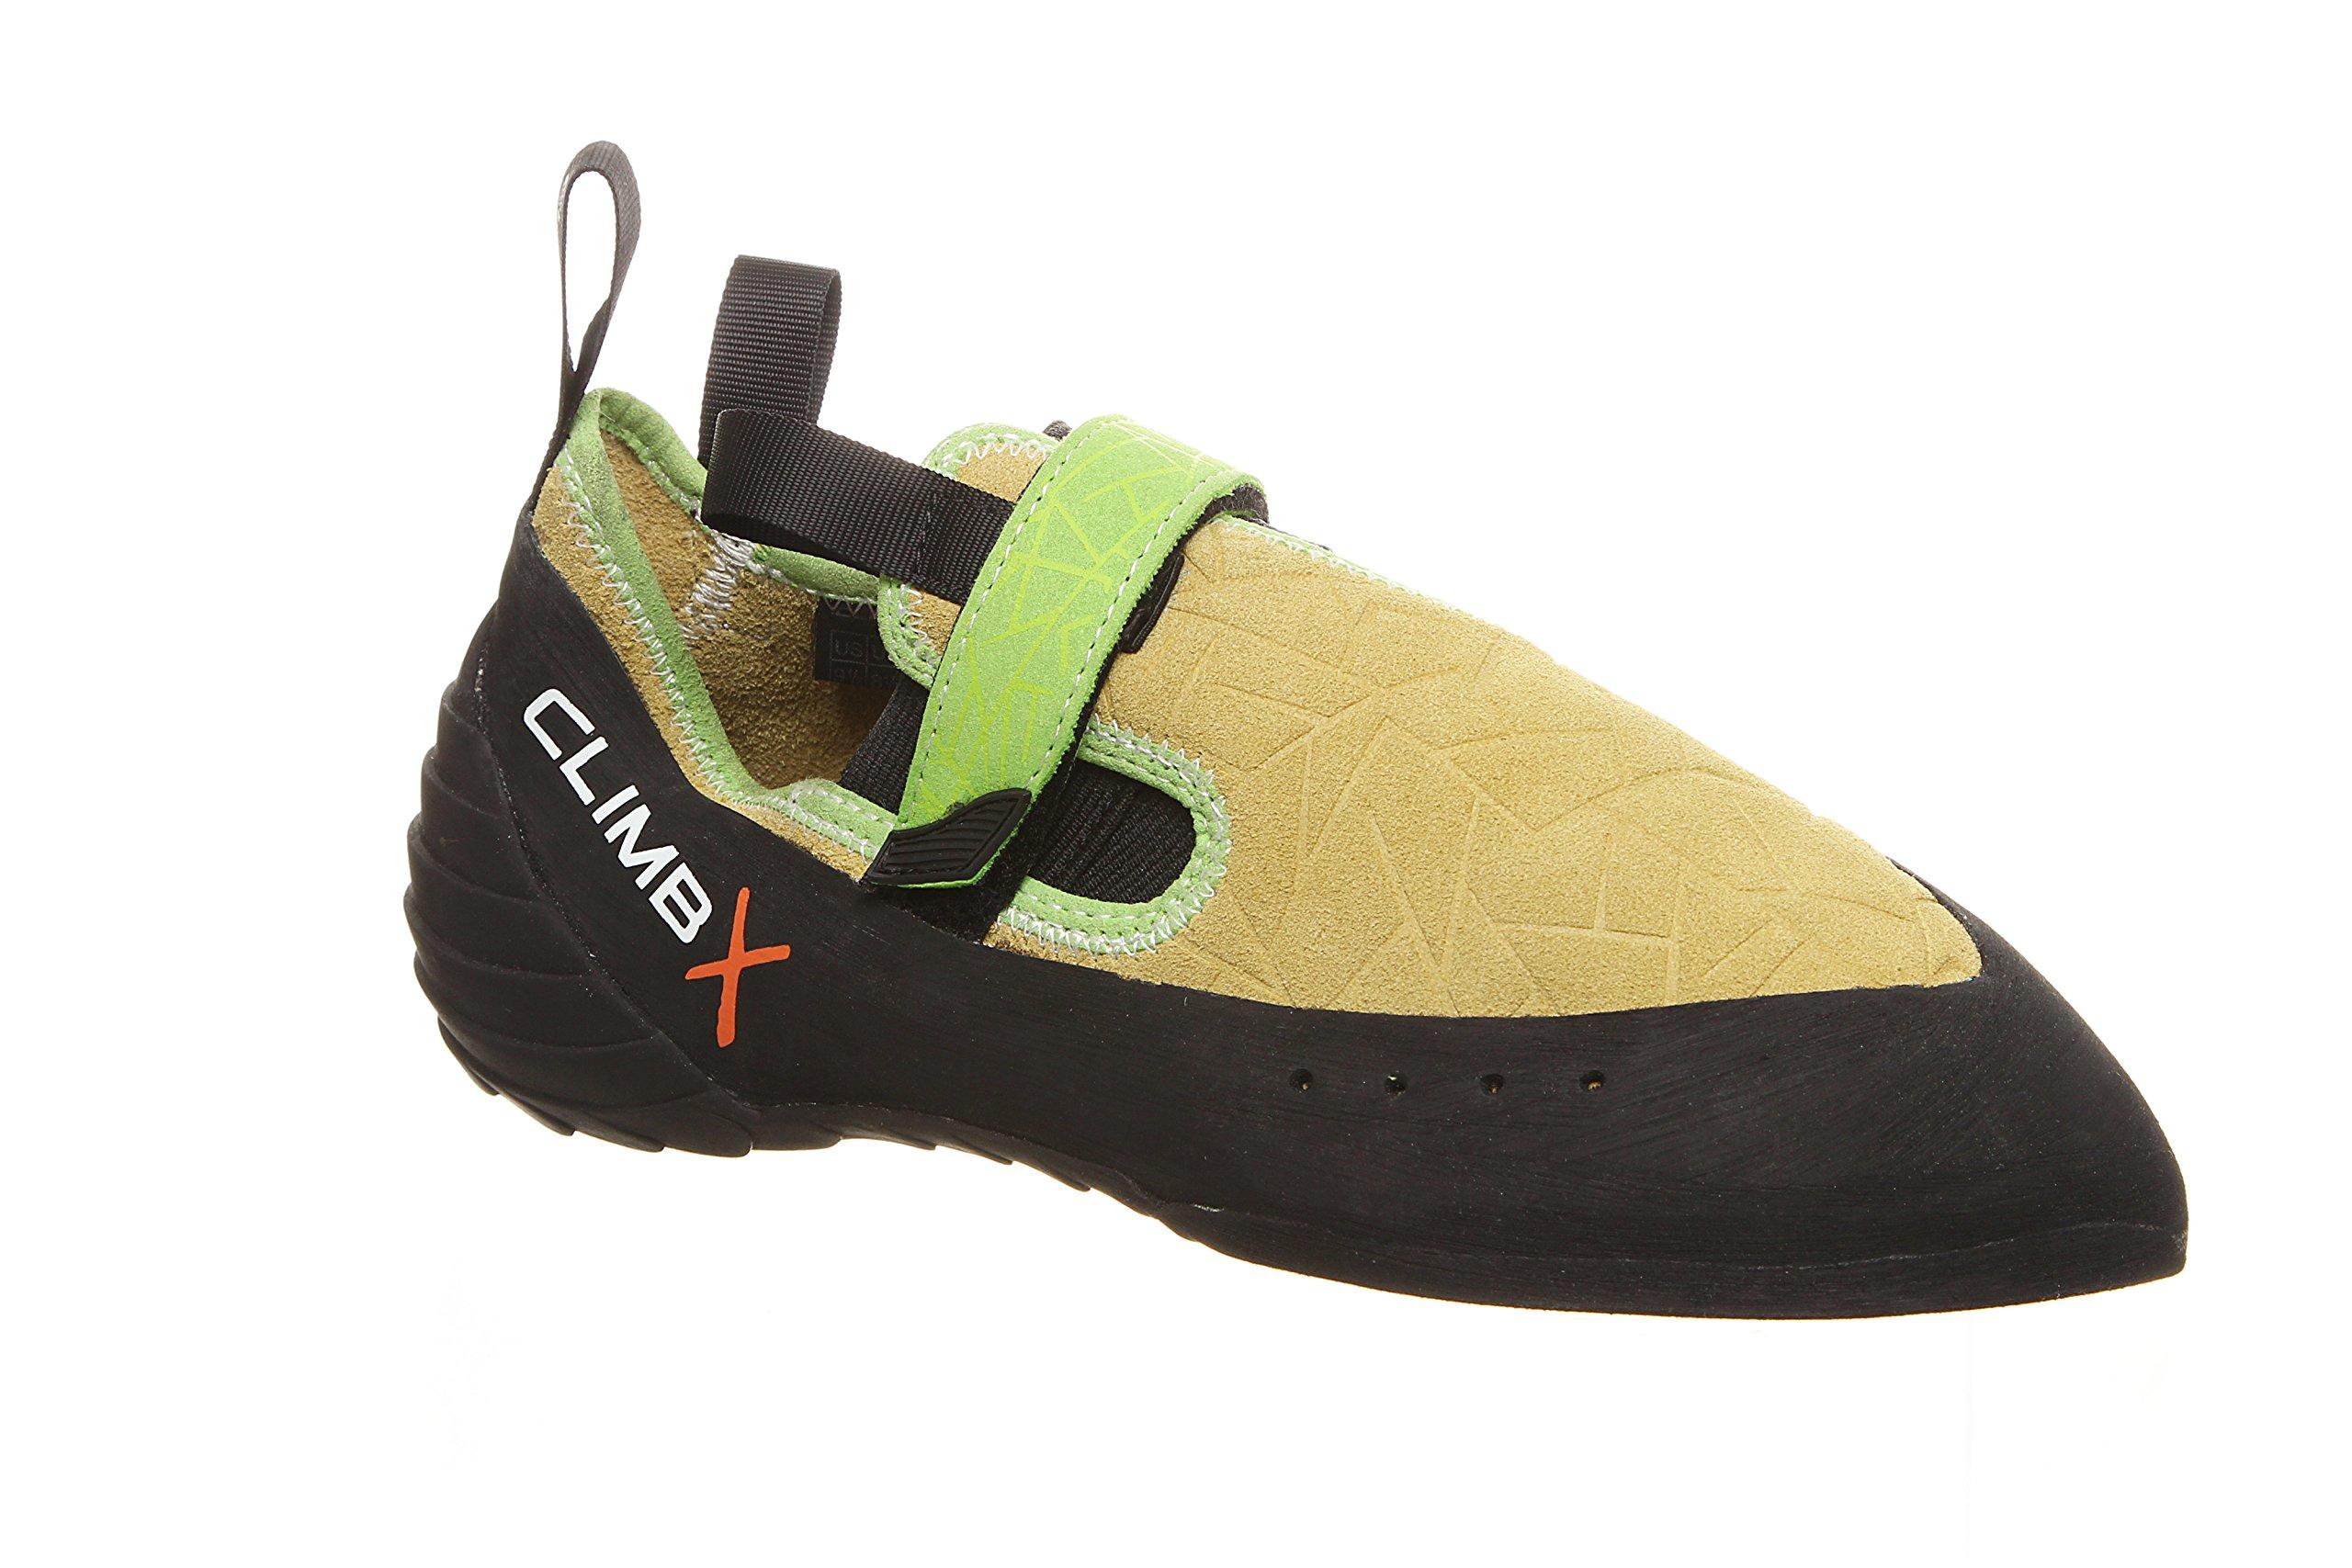 Climb X Zion Climbing Shoe with Free Sickle M-16 Climbing Brush (Men's 5.5, Yellow)